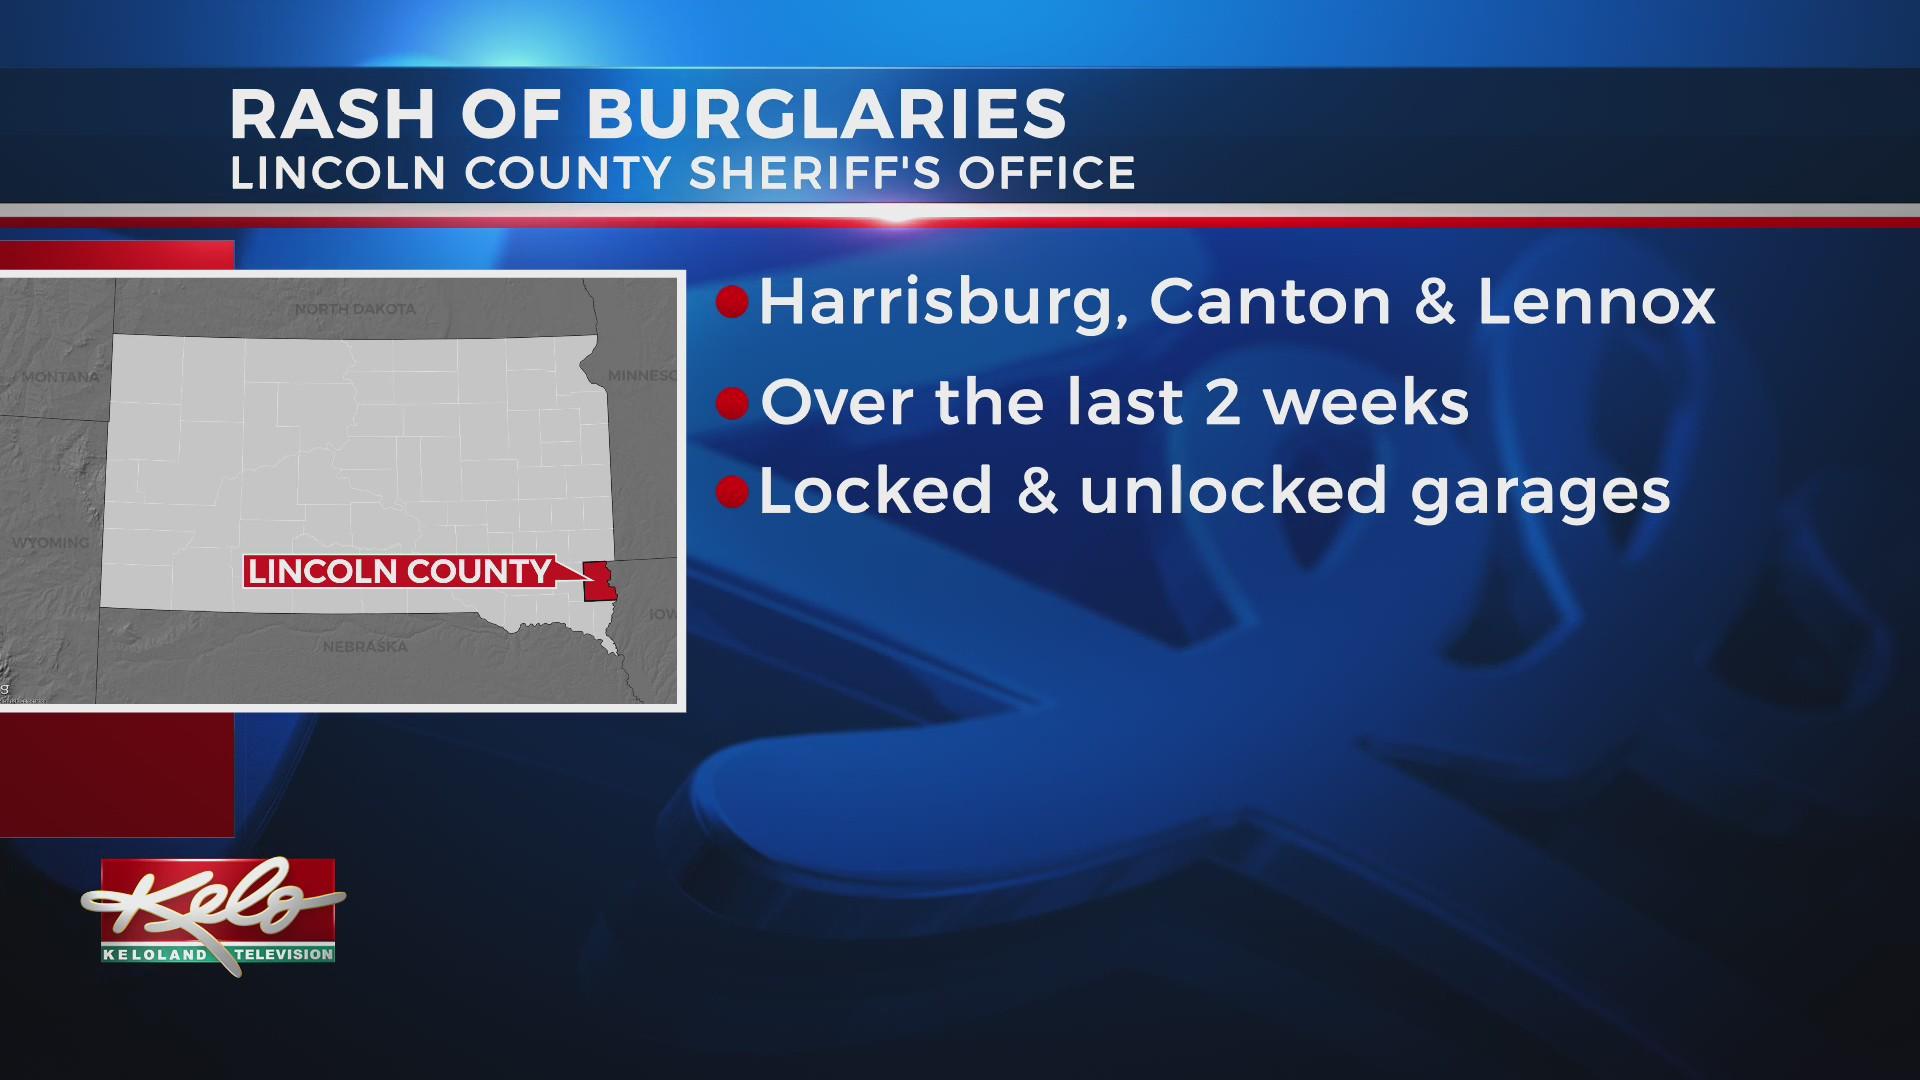 Lincoln County authorities investigating rash of burglaries